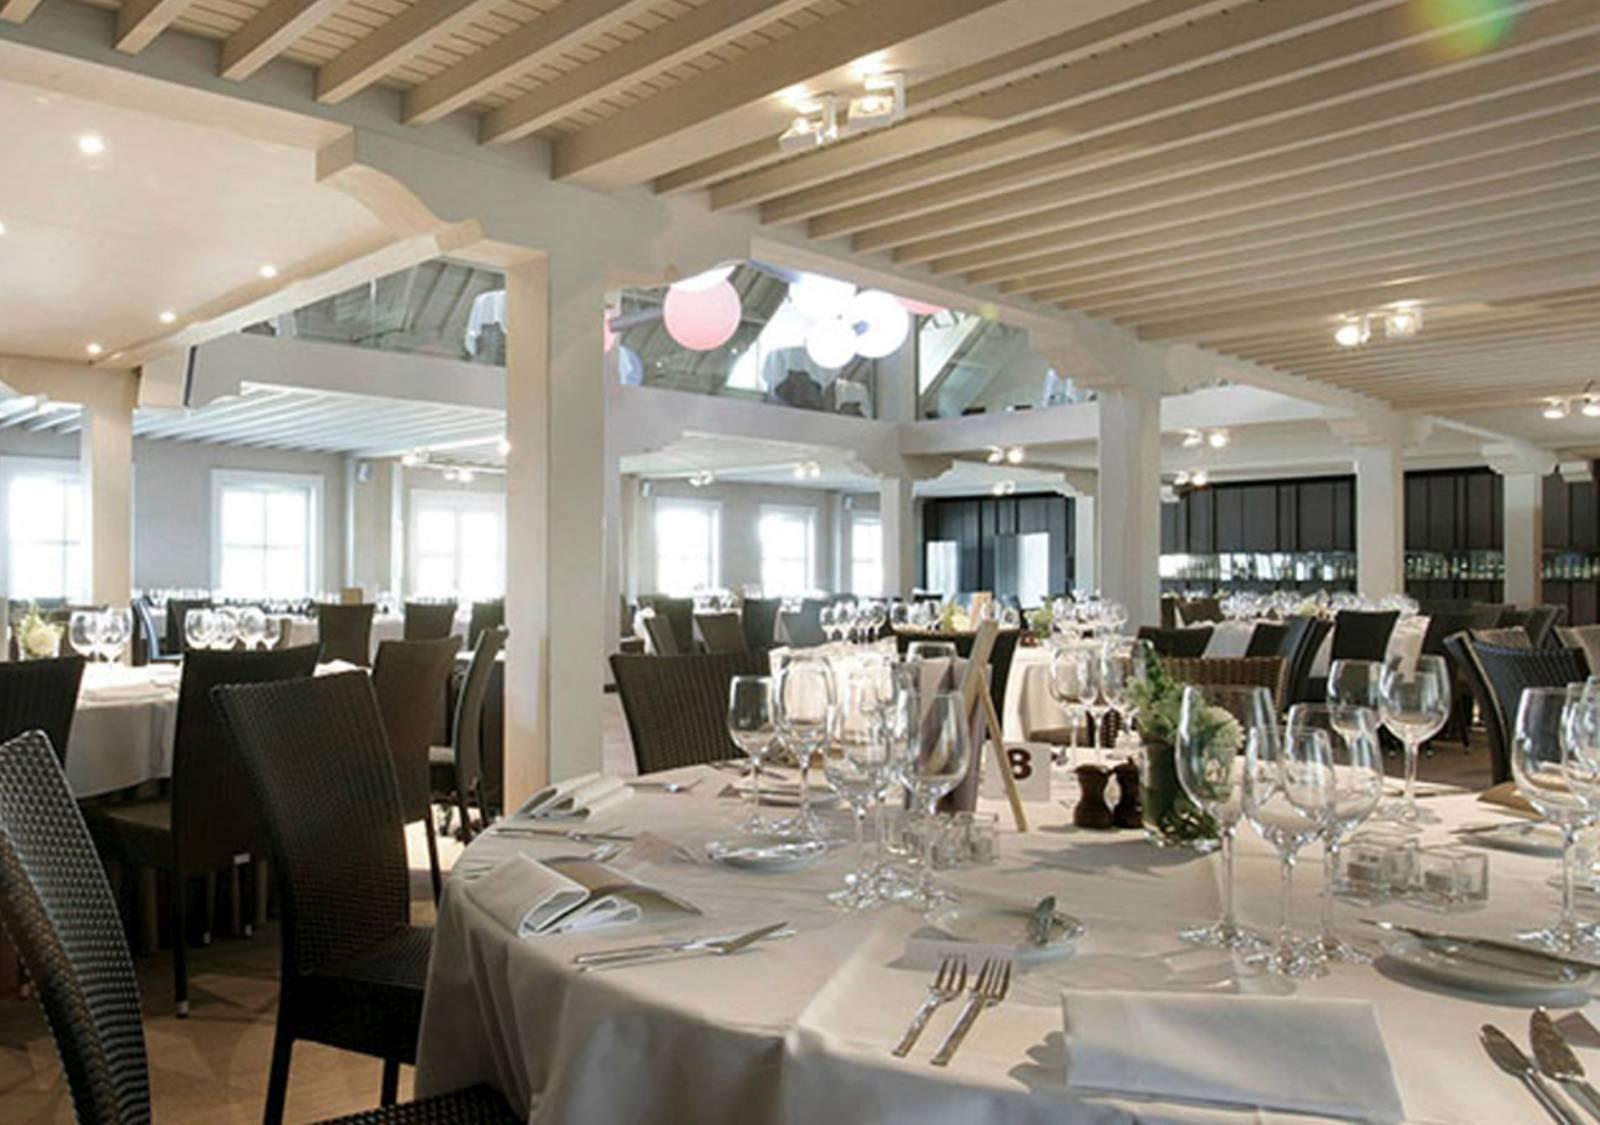 Klokhof - Feestzaal - House of Weddings (17)